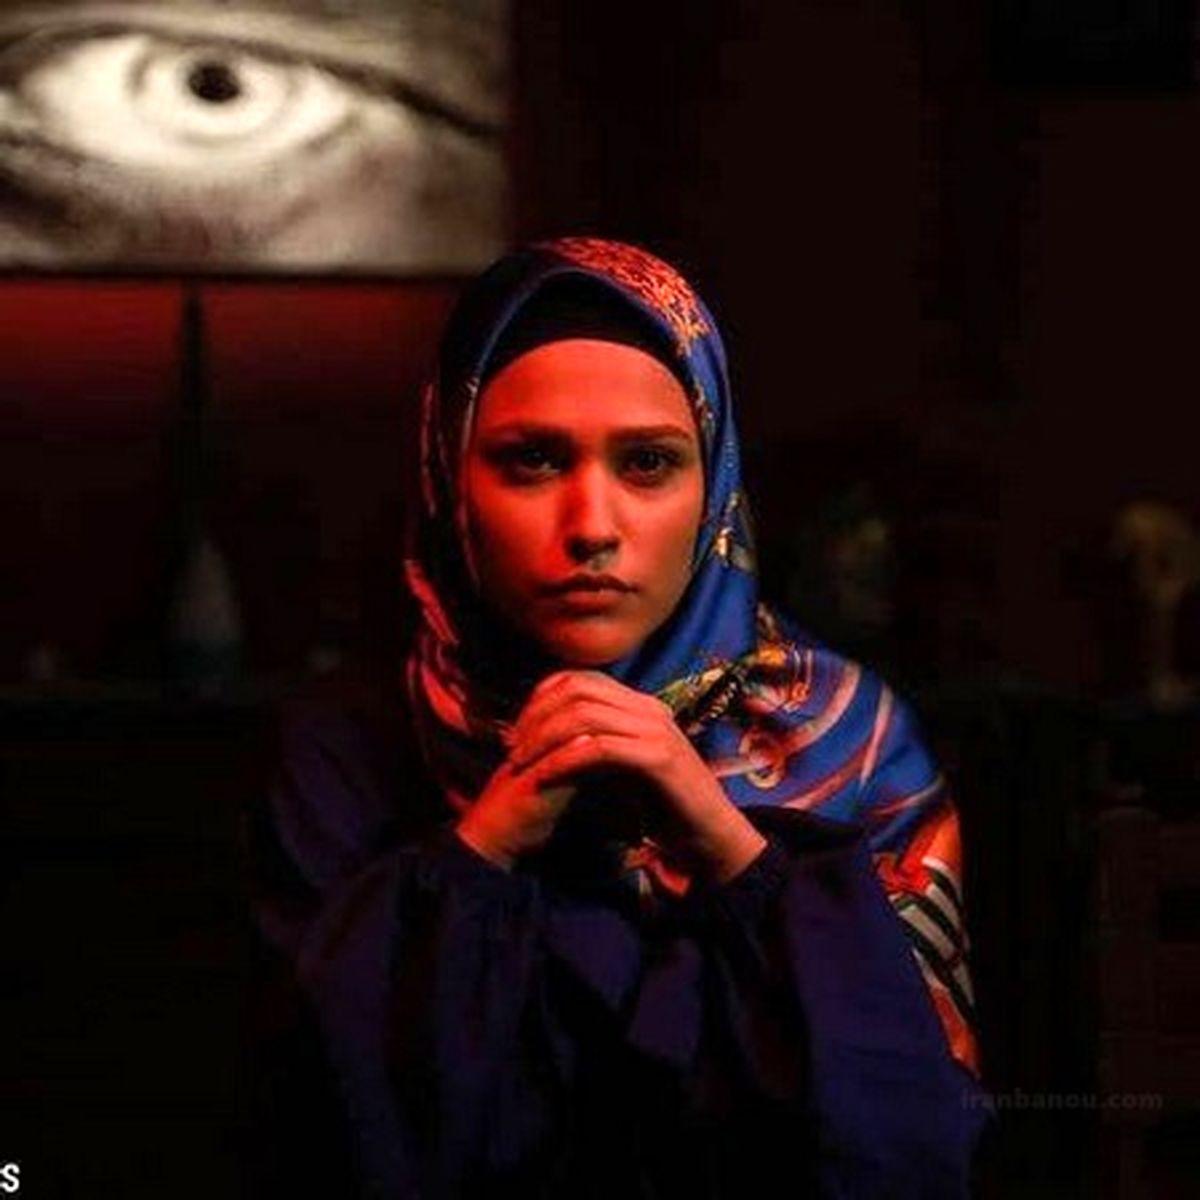 عکس آدرینا صادقی(مائده سریال احضار)با چادر حریر و تصاویر خاص